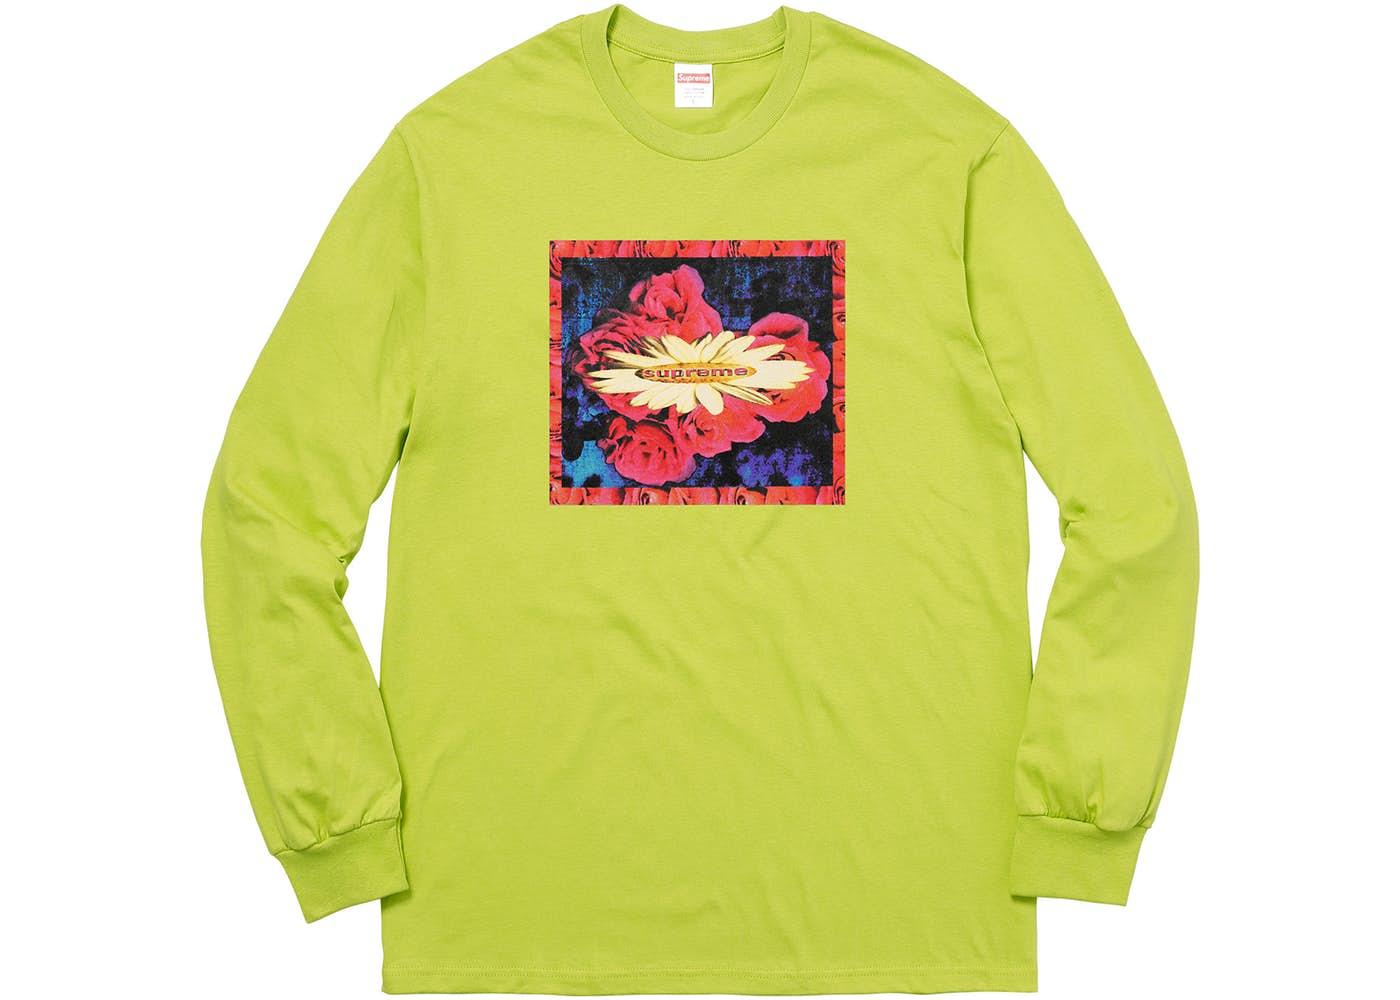 画像1: SUPREME BLOOM L/S TEE | シュプリーム ブルーム L/S Tシャツ (1)